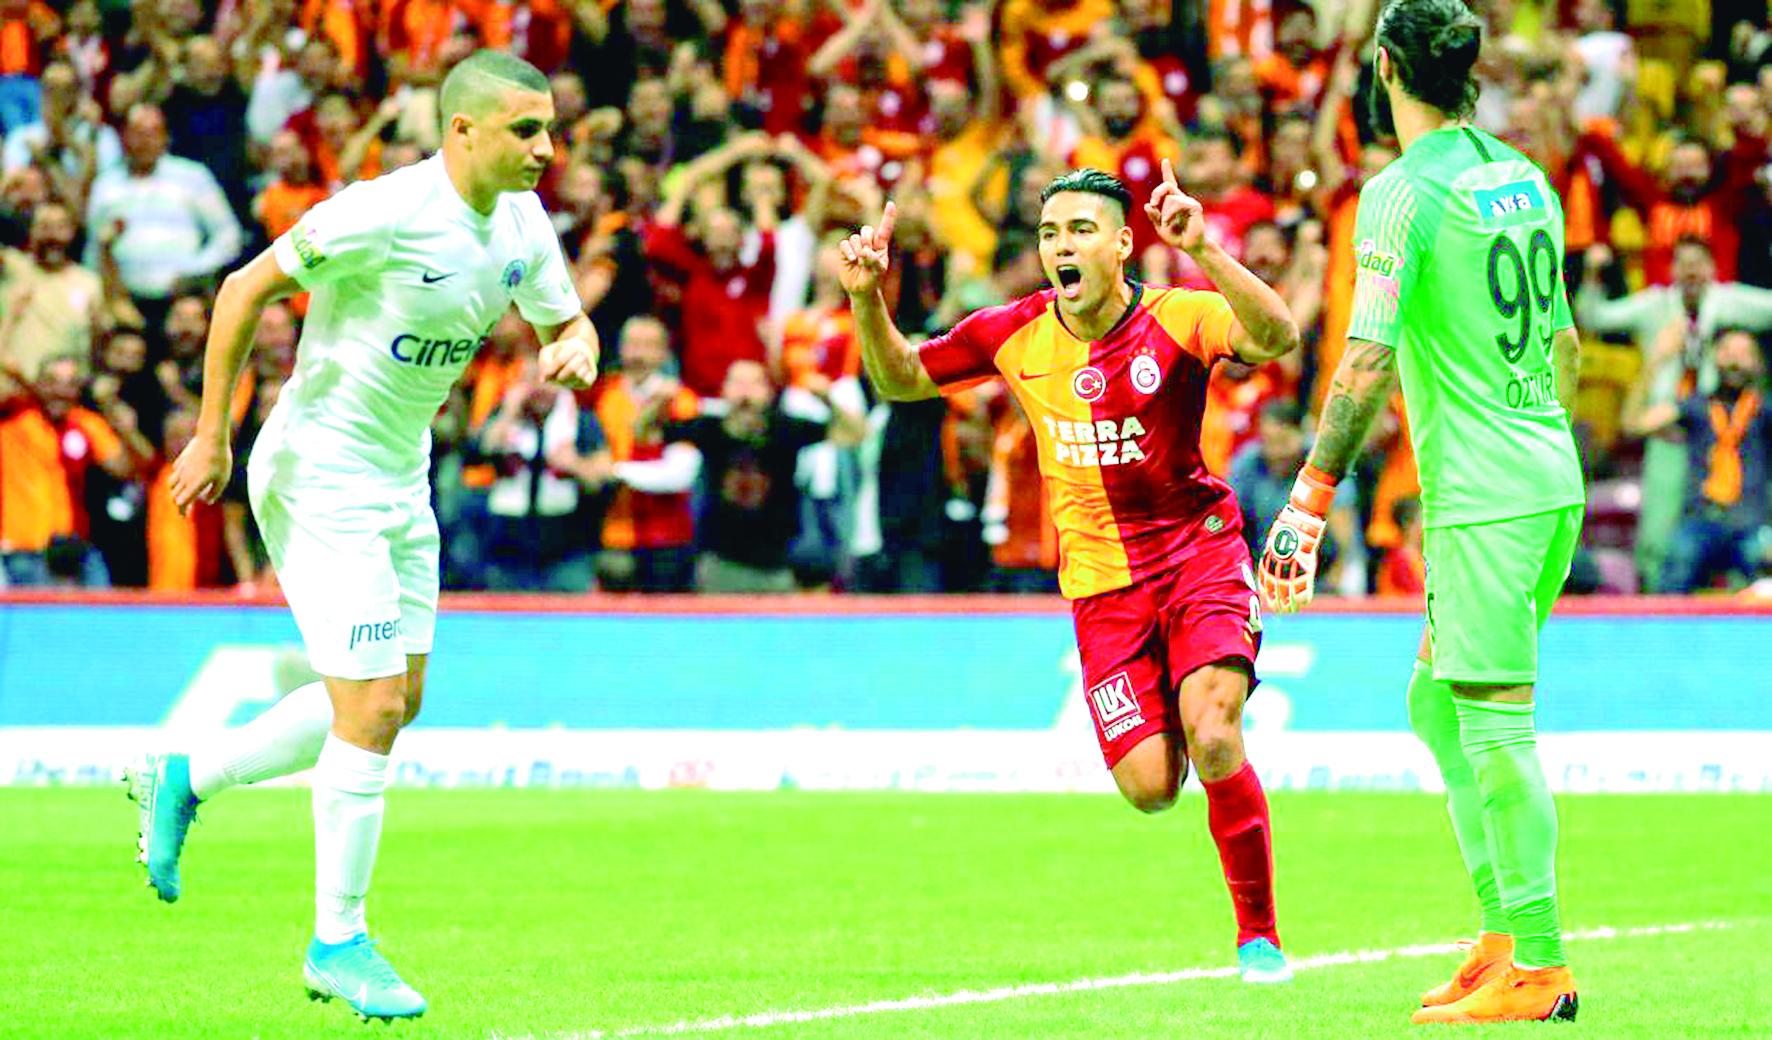 Gol de Falcao en su debut con el Galatasaray   Nacional   Deportes   EL FRENTE